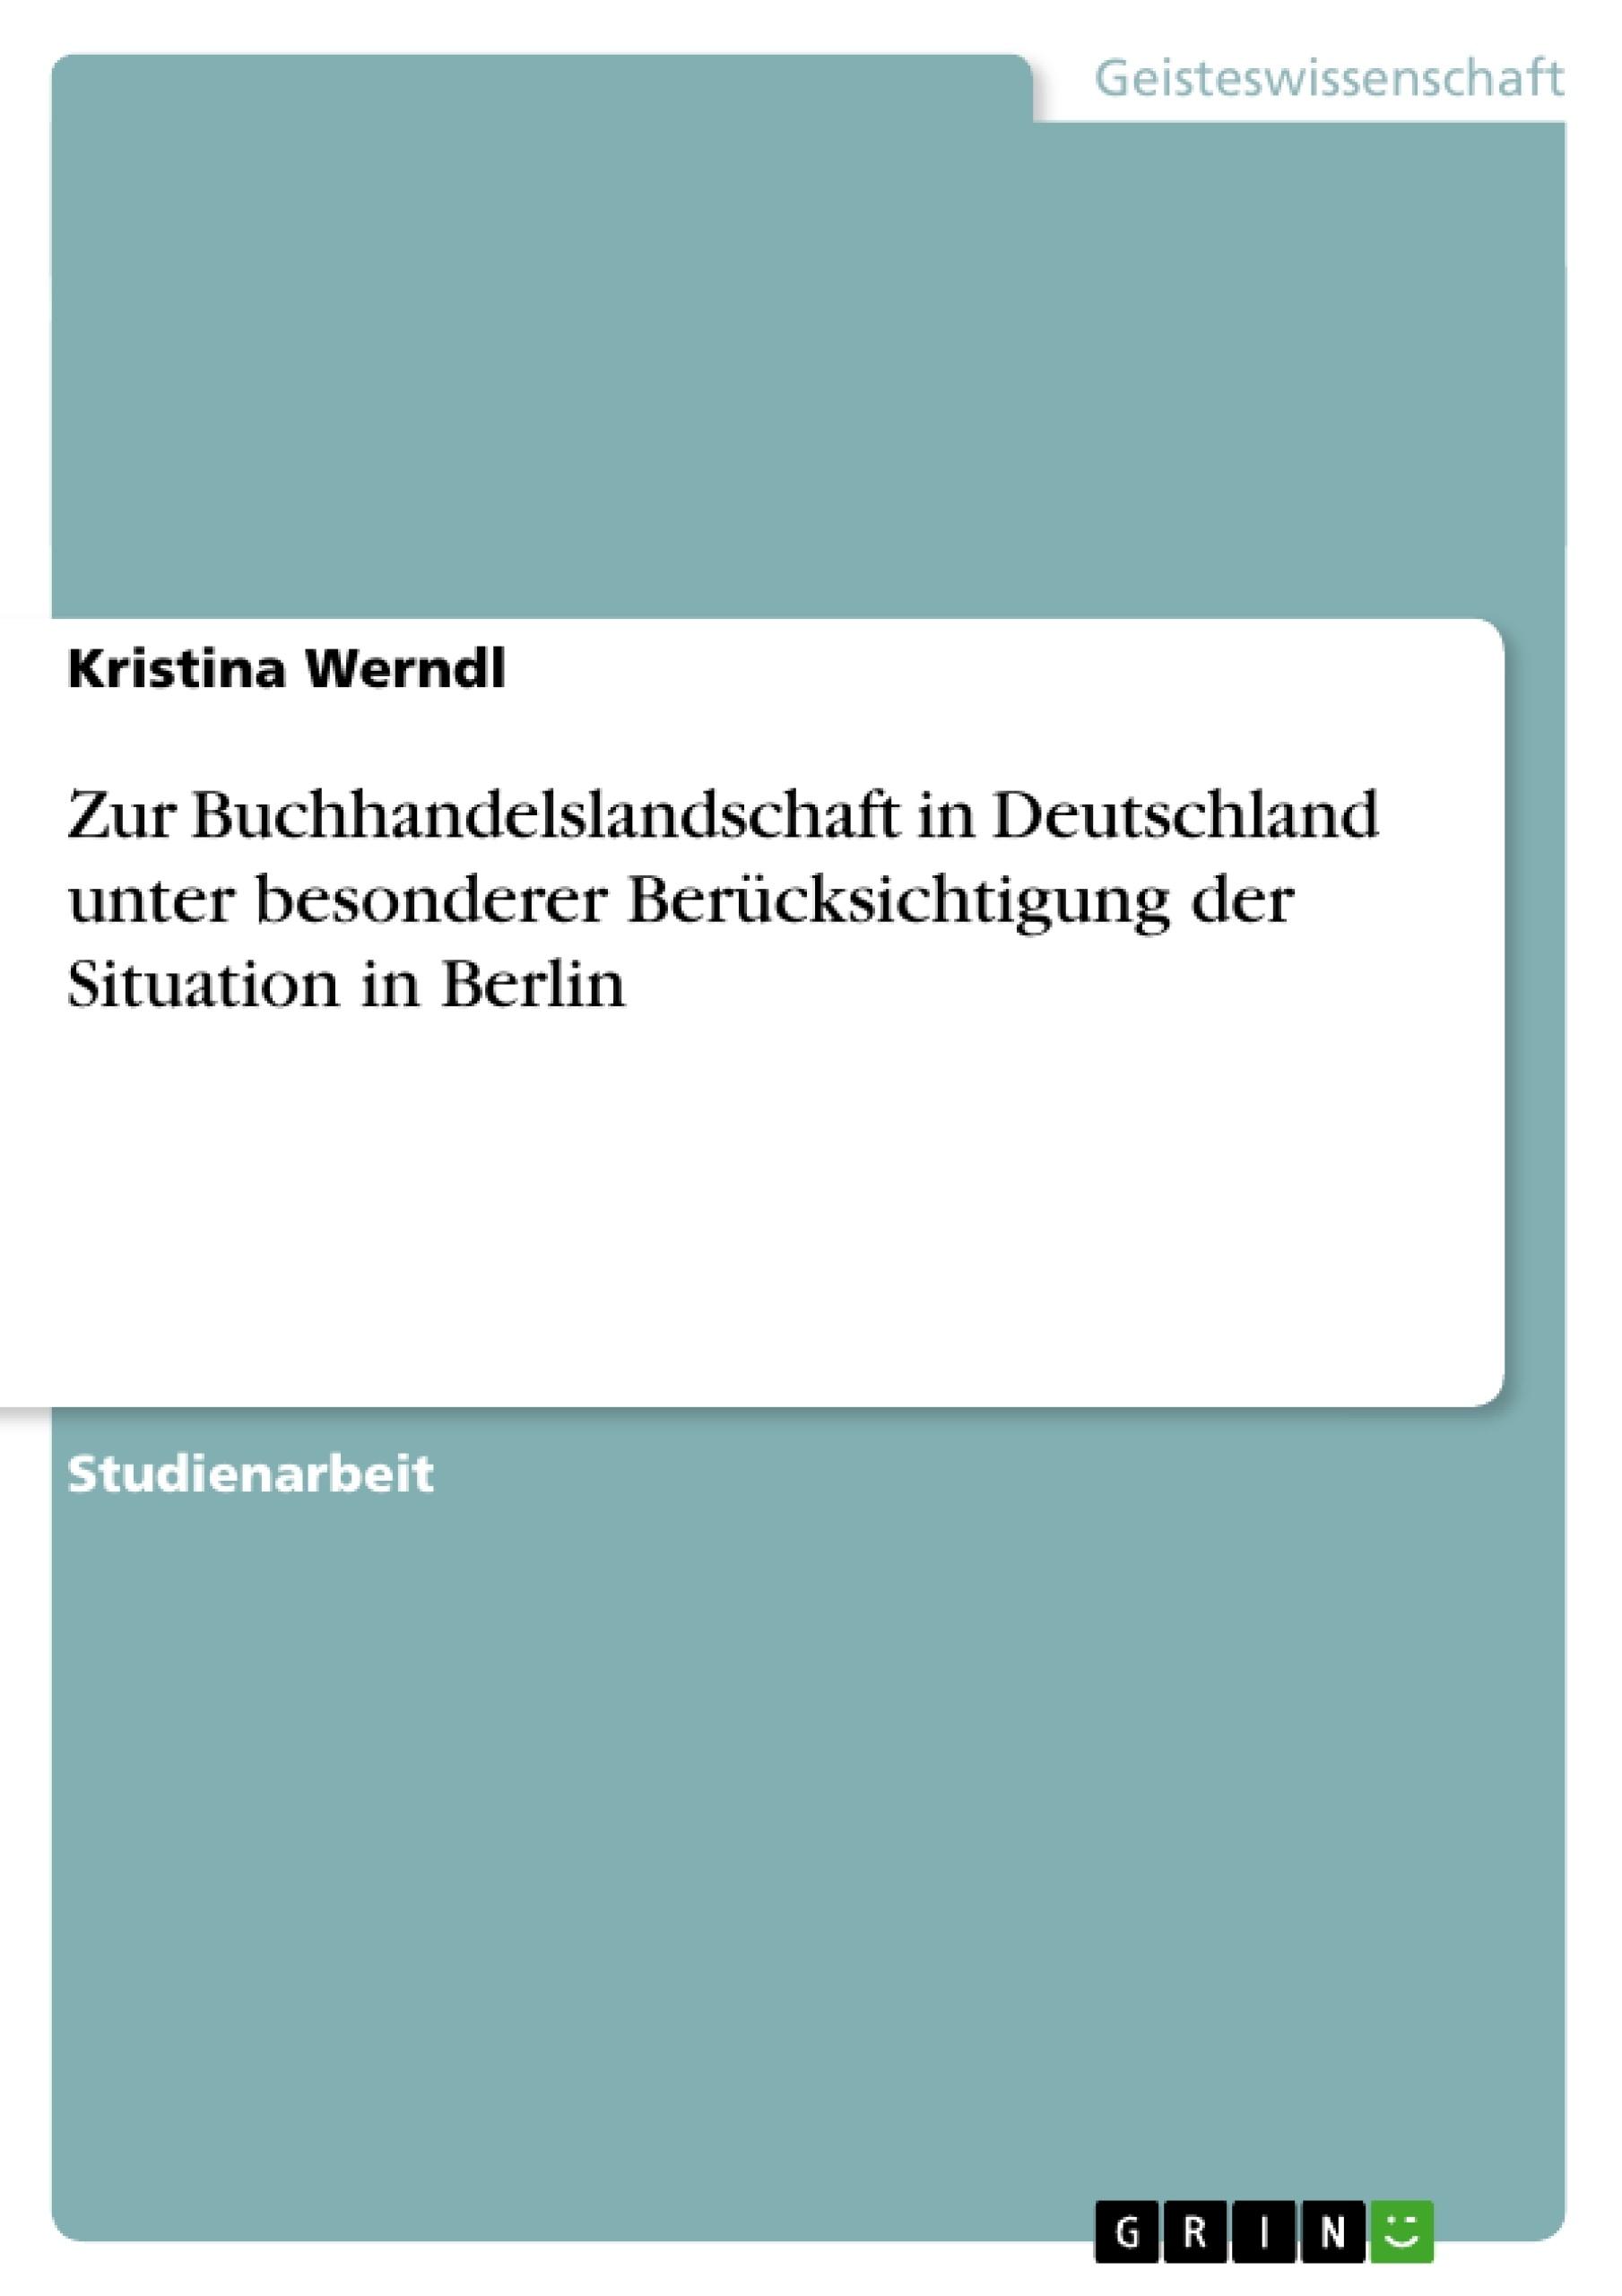 Titel: Zur Buchhandelslandschaft in Deutschland unter besonderer Berücksichtigung der Situation in Berlin